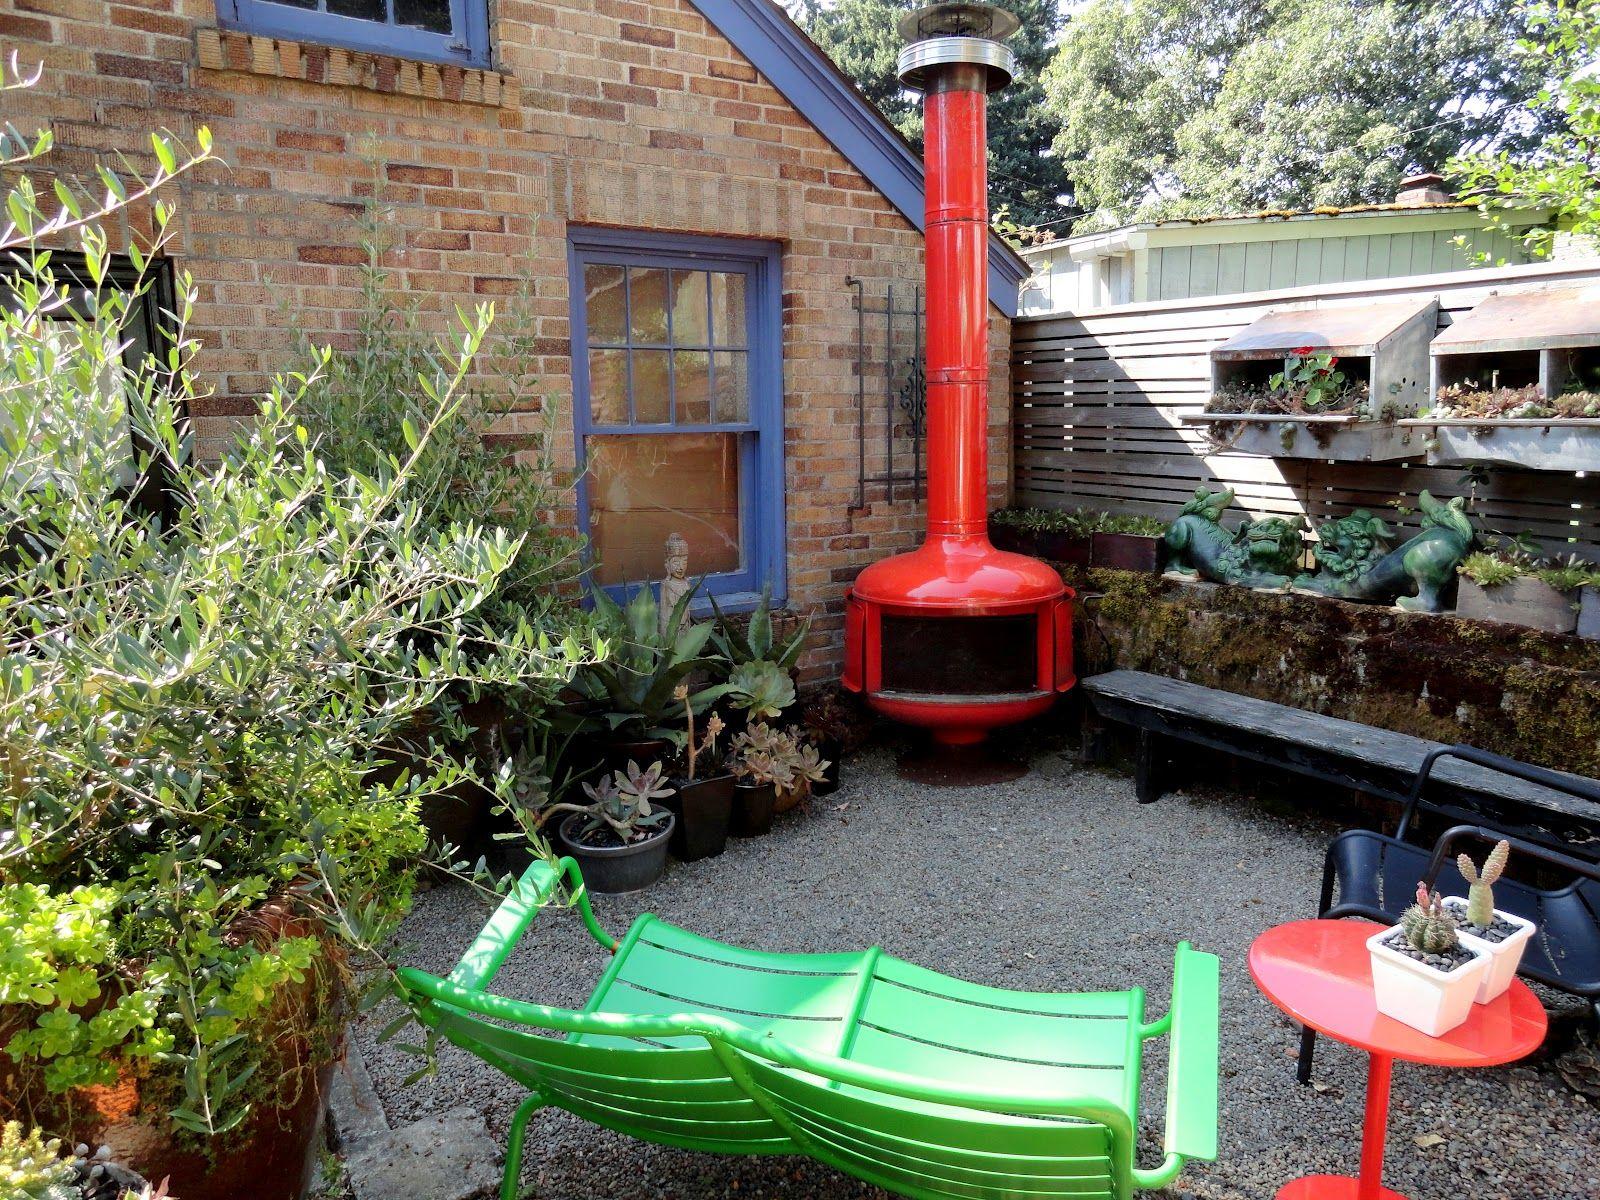 JJ Sousa's Funky Portland Garden Fir Pits Fireplaces Outdoor